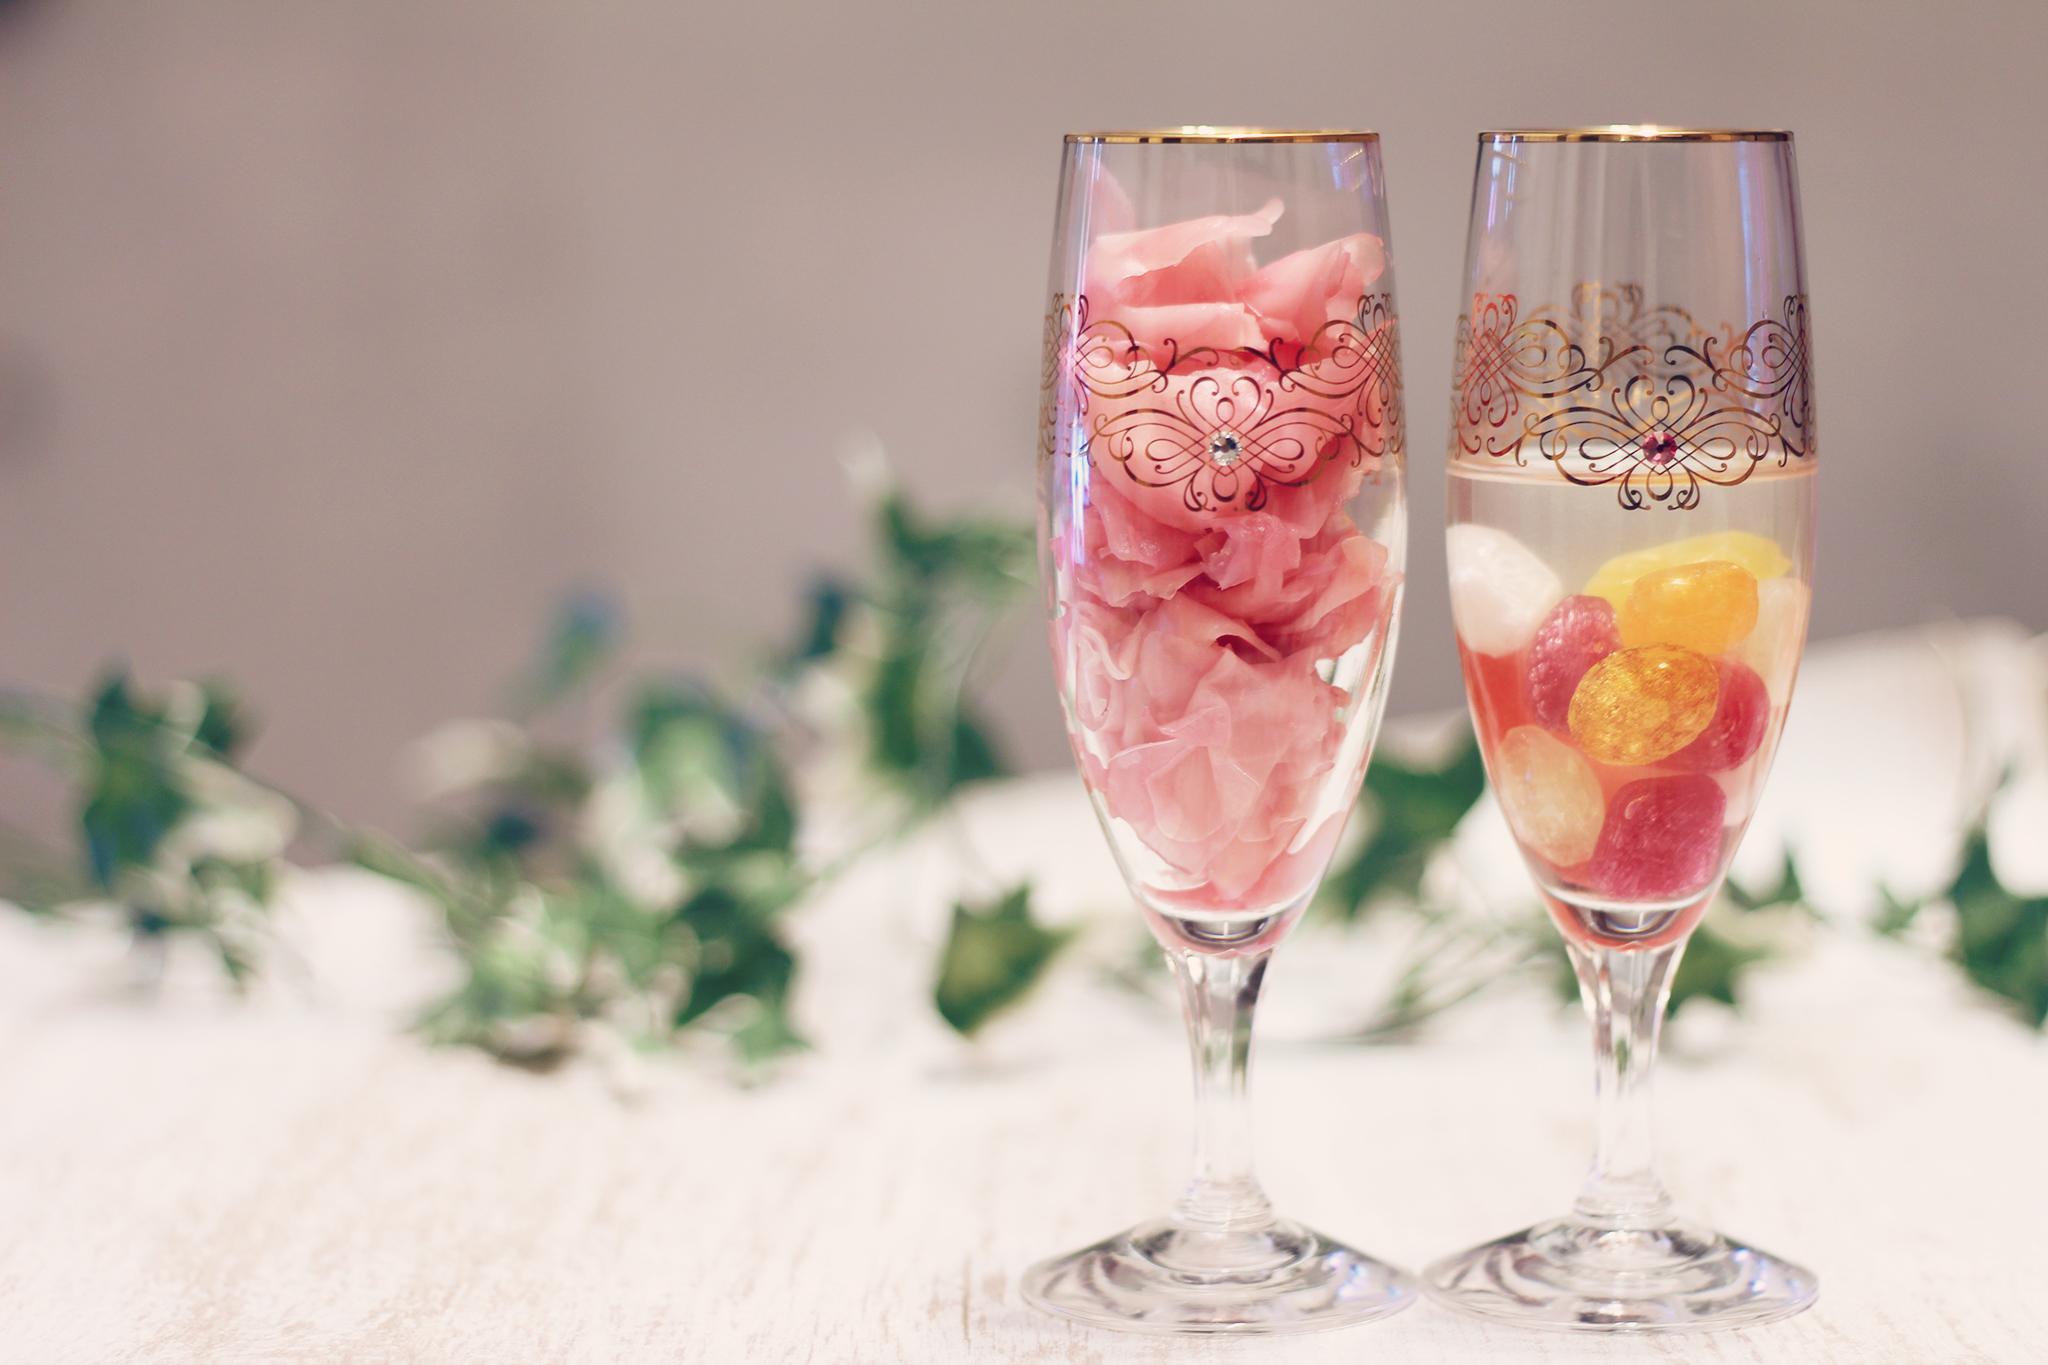 恋愛運アップのおまじない!飲むと恋愛が充実する飲み物2選